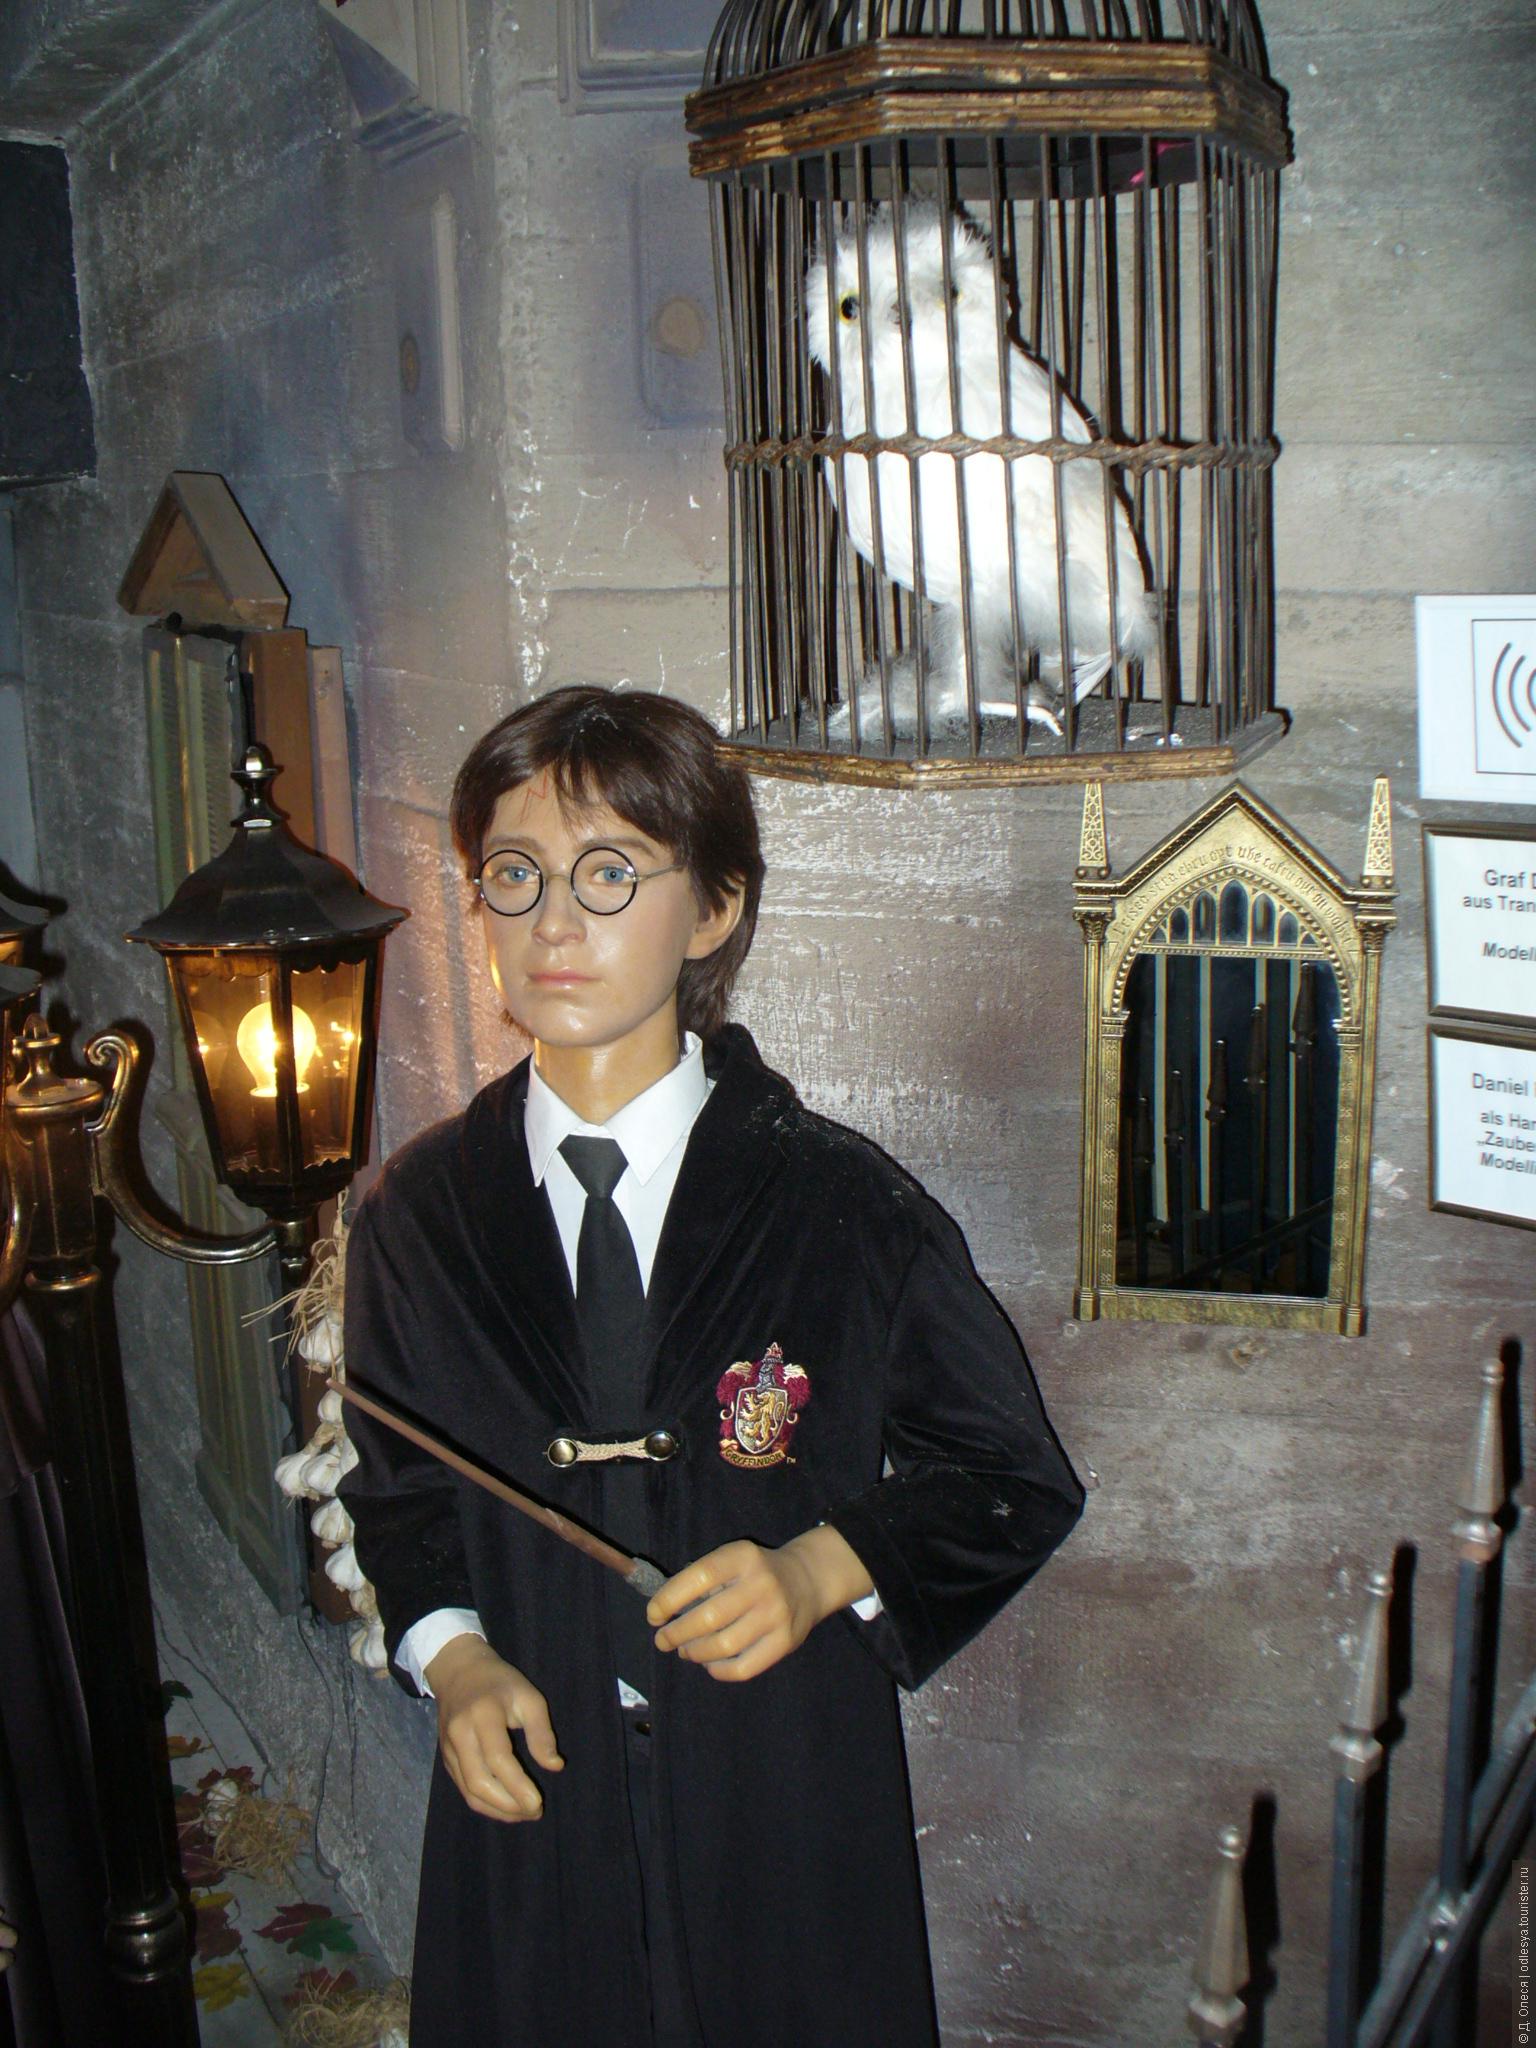 конечно, фото всех экспонатов музея мадам тюссо могли кататься горках